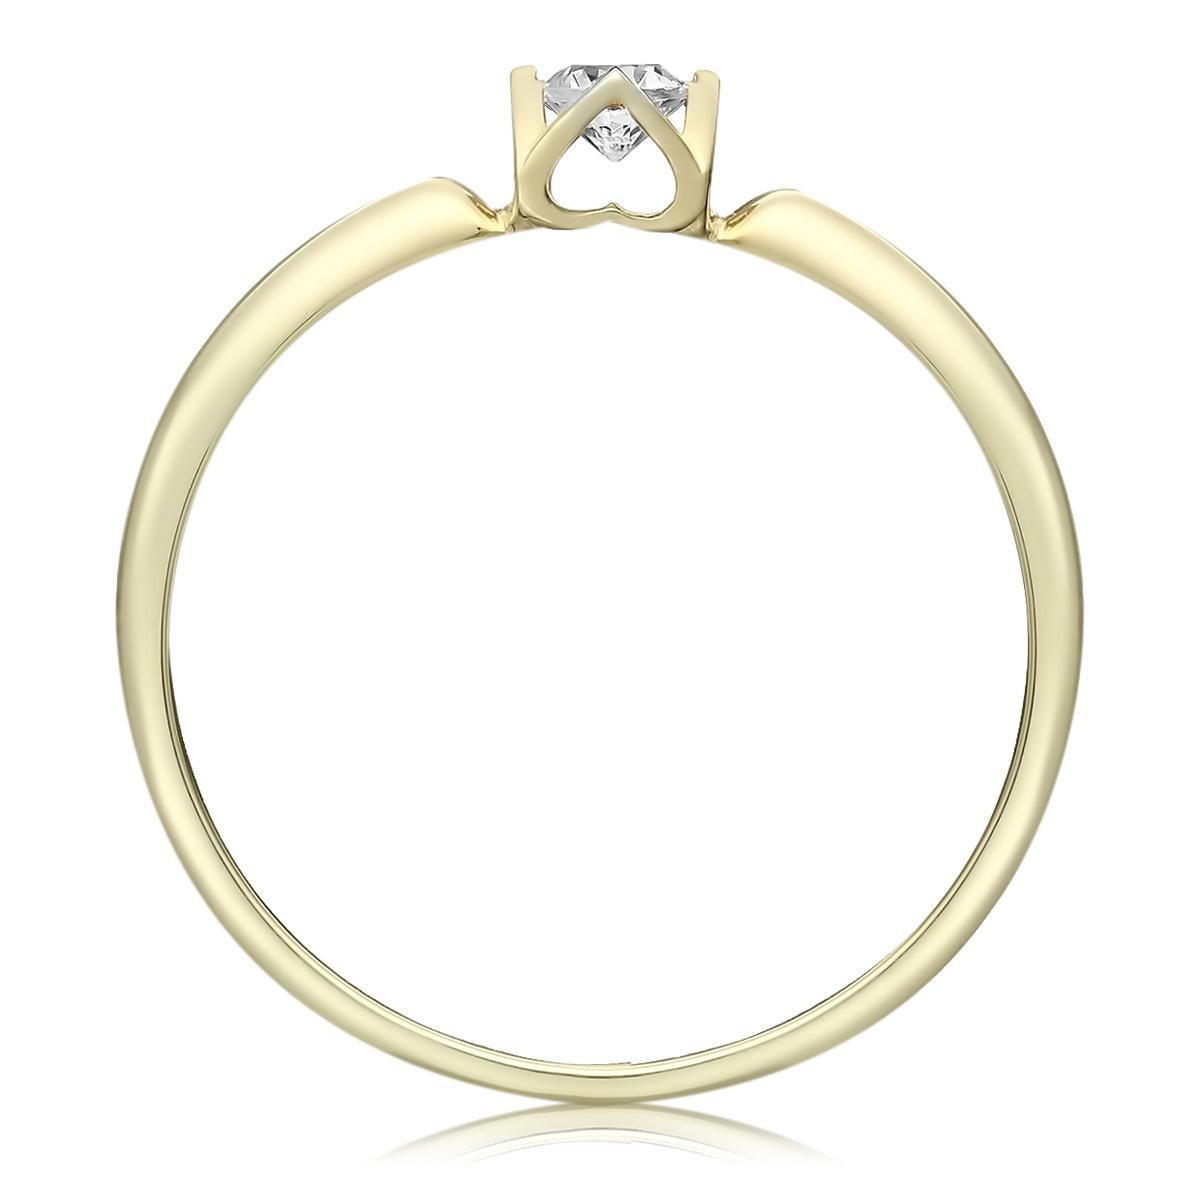 Каблучка для пропозиції з діамантом в сердечках «Amour Classique»